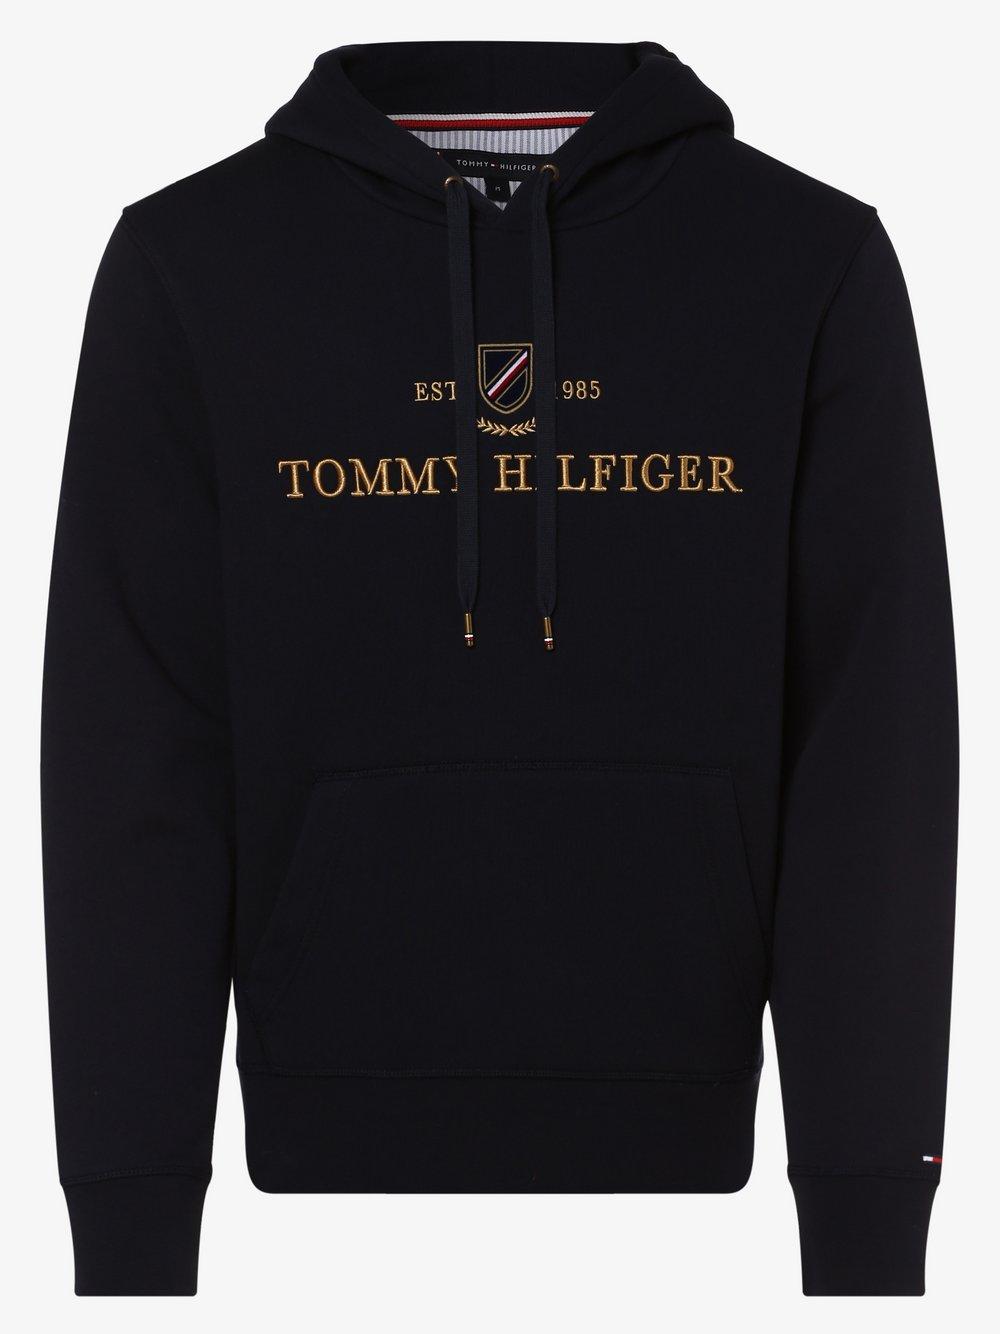 Tommy Hilfiger - Męska bluza nierozpinana, niebieski